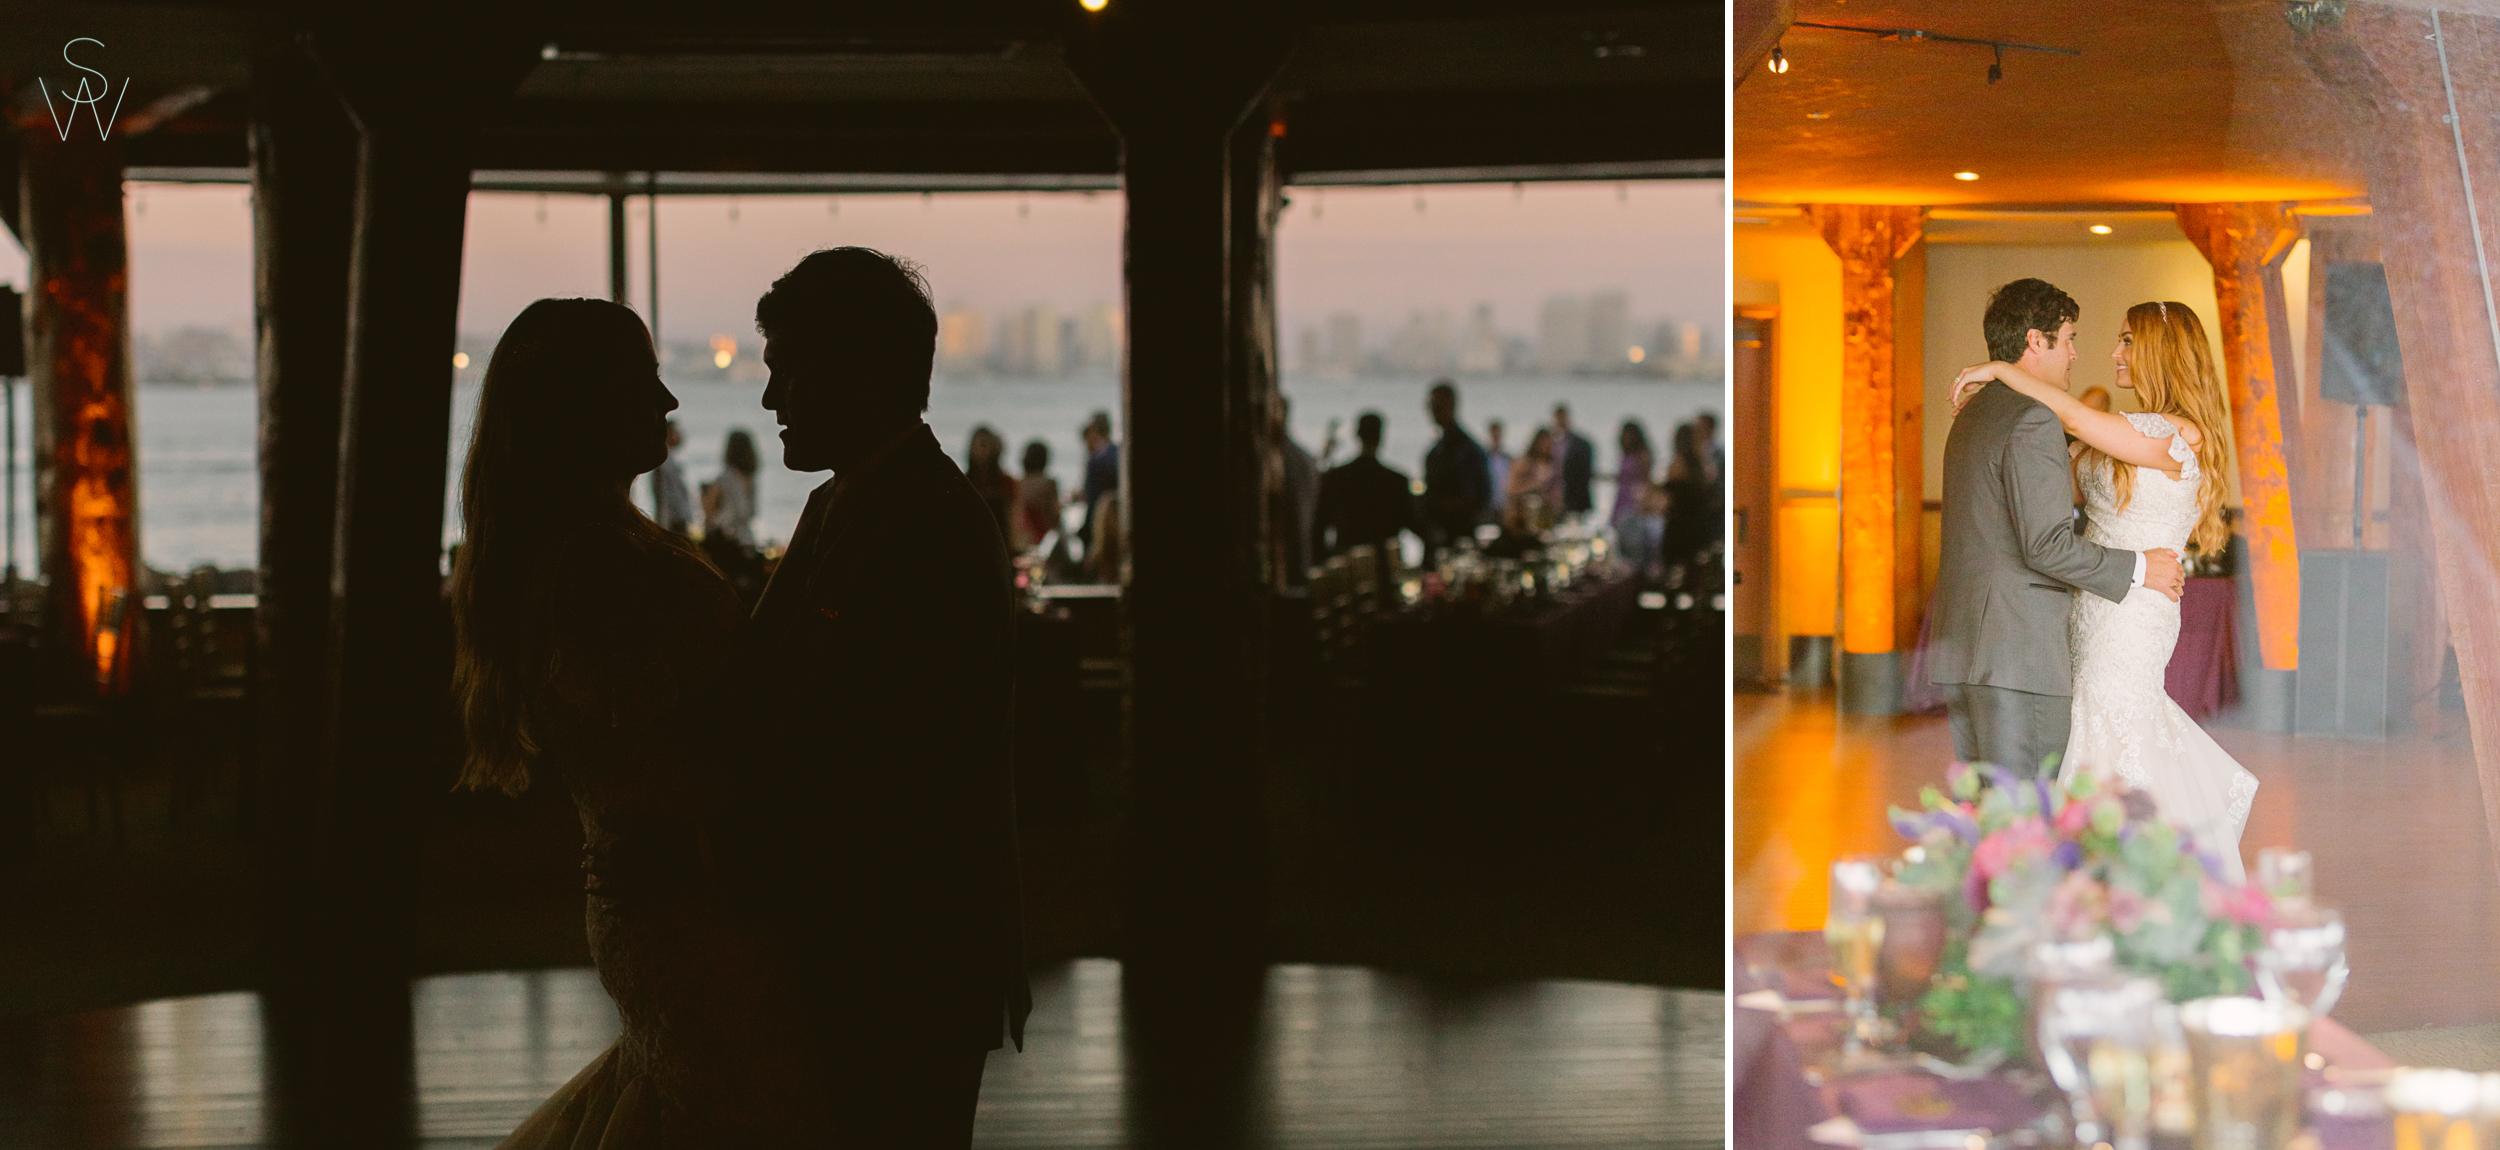 184San.diego.wedding.shewanders.photography.JPG